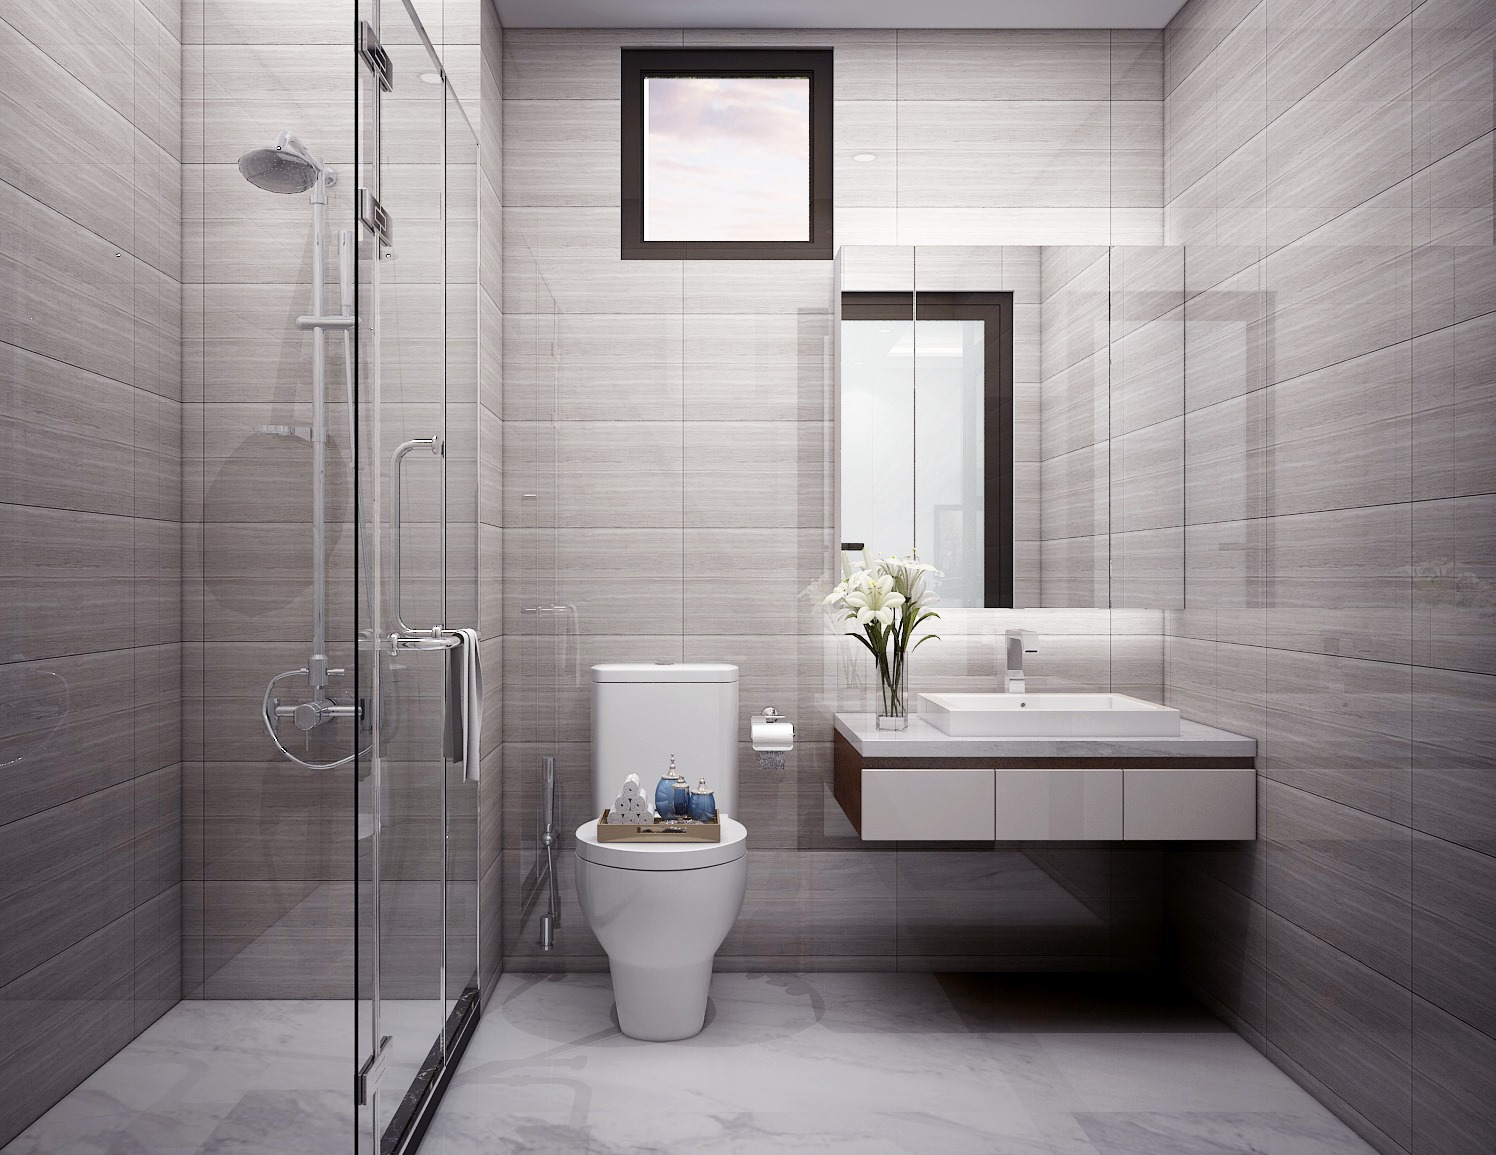 TOP thiết kế mẫu nhà vệ sinh đẹp, trending năm 2021